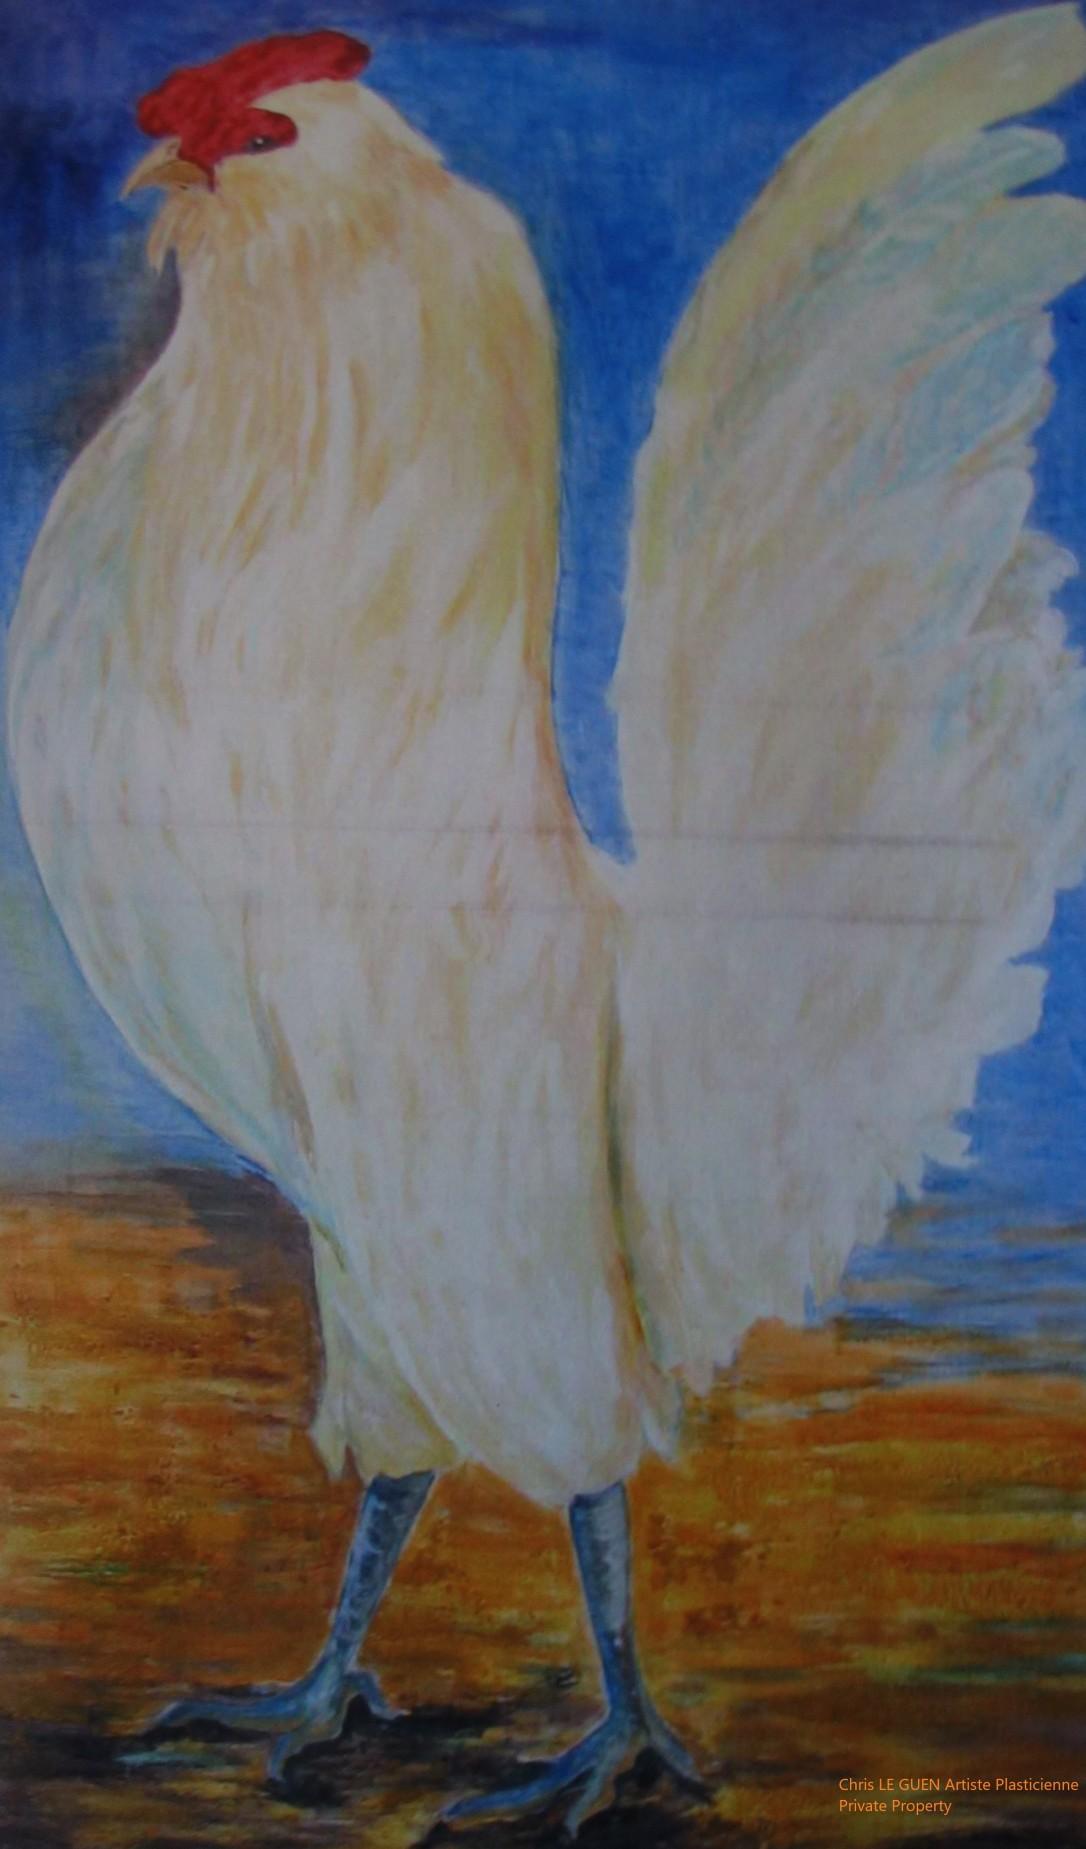 Chris Le Guen Artiste Plasticienne Peintre et Sculptrice a peint Coq N°2